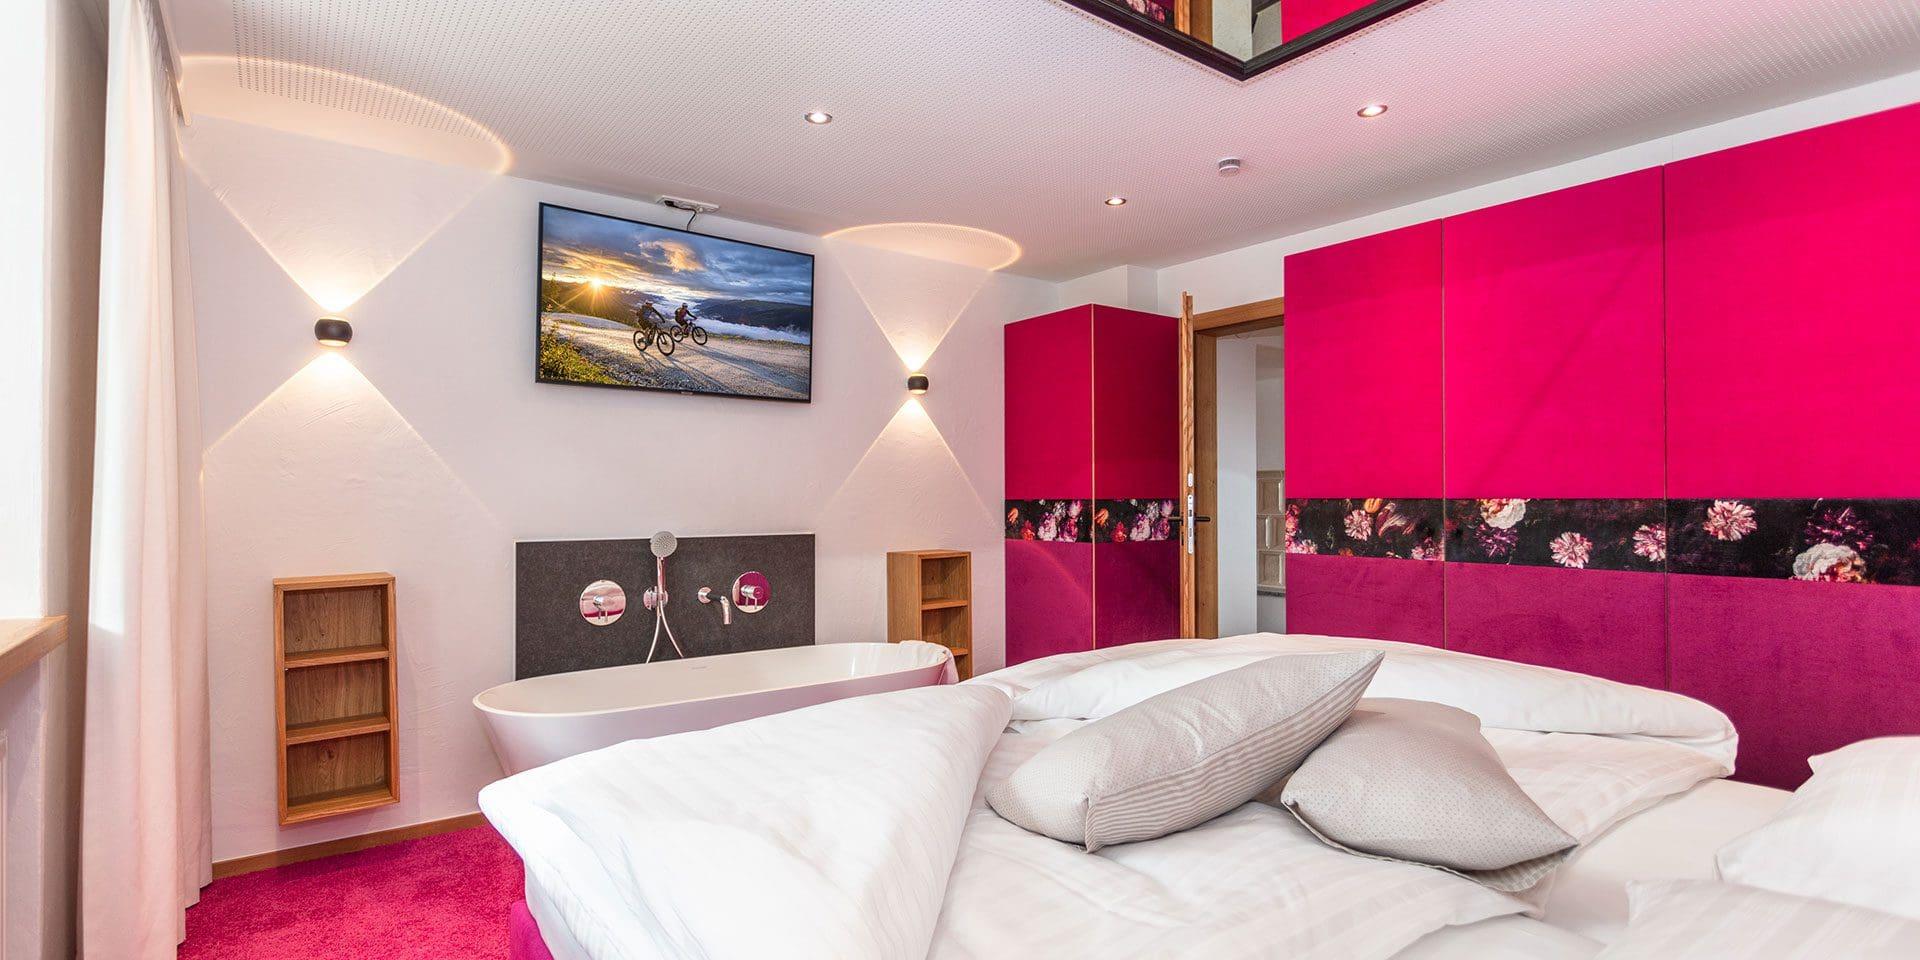 Home 100 - Ferienwohnung in den Kitzbüheler Alpen, Bramberg